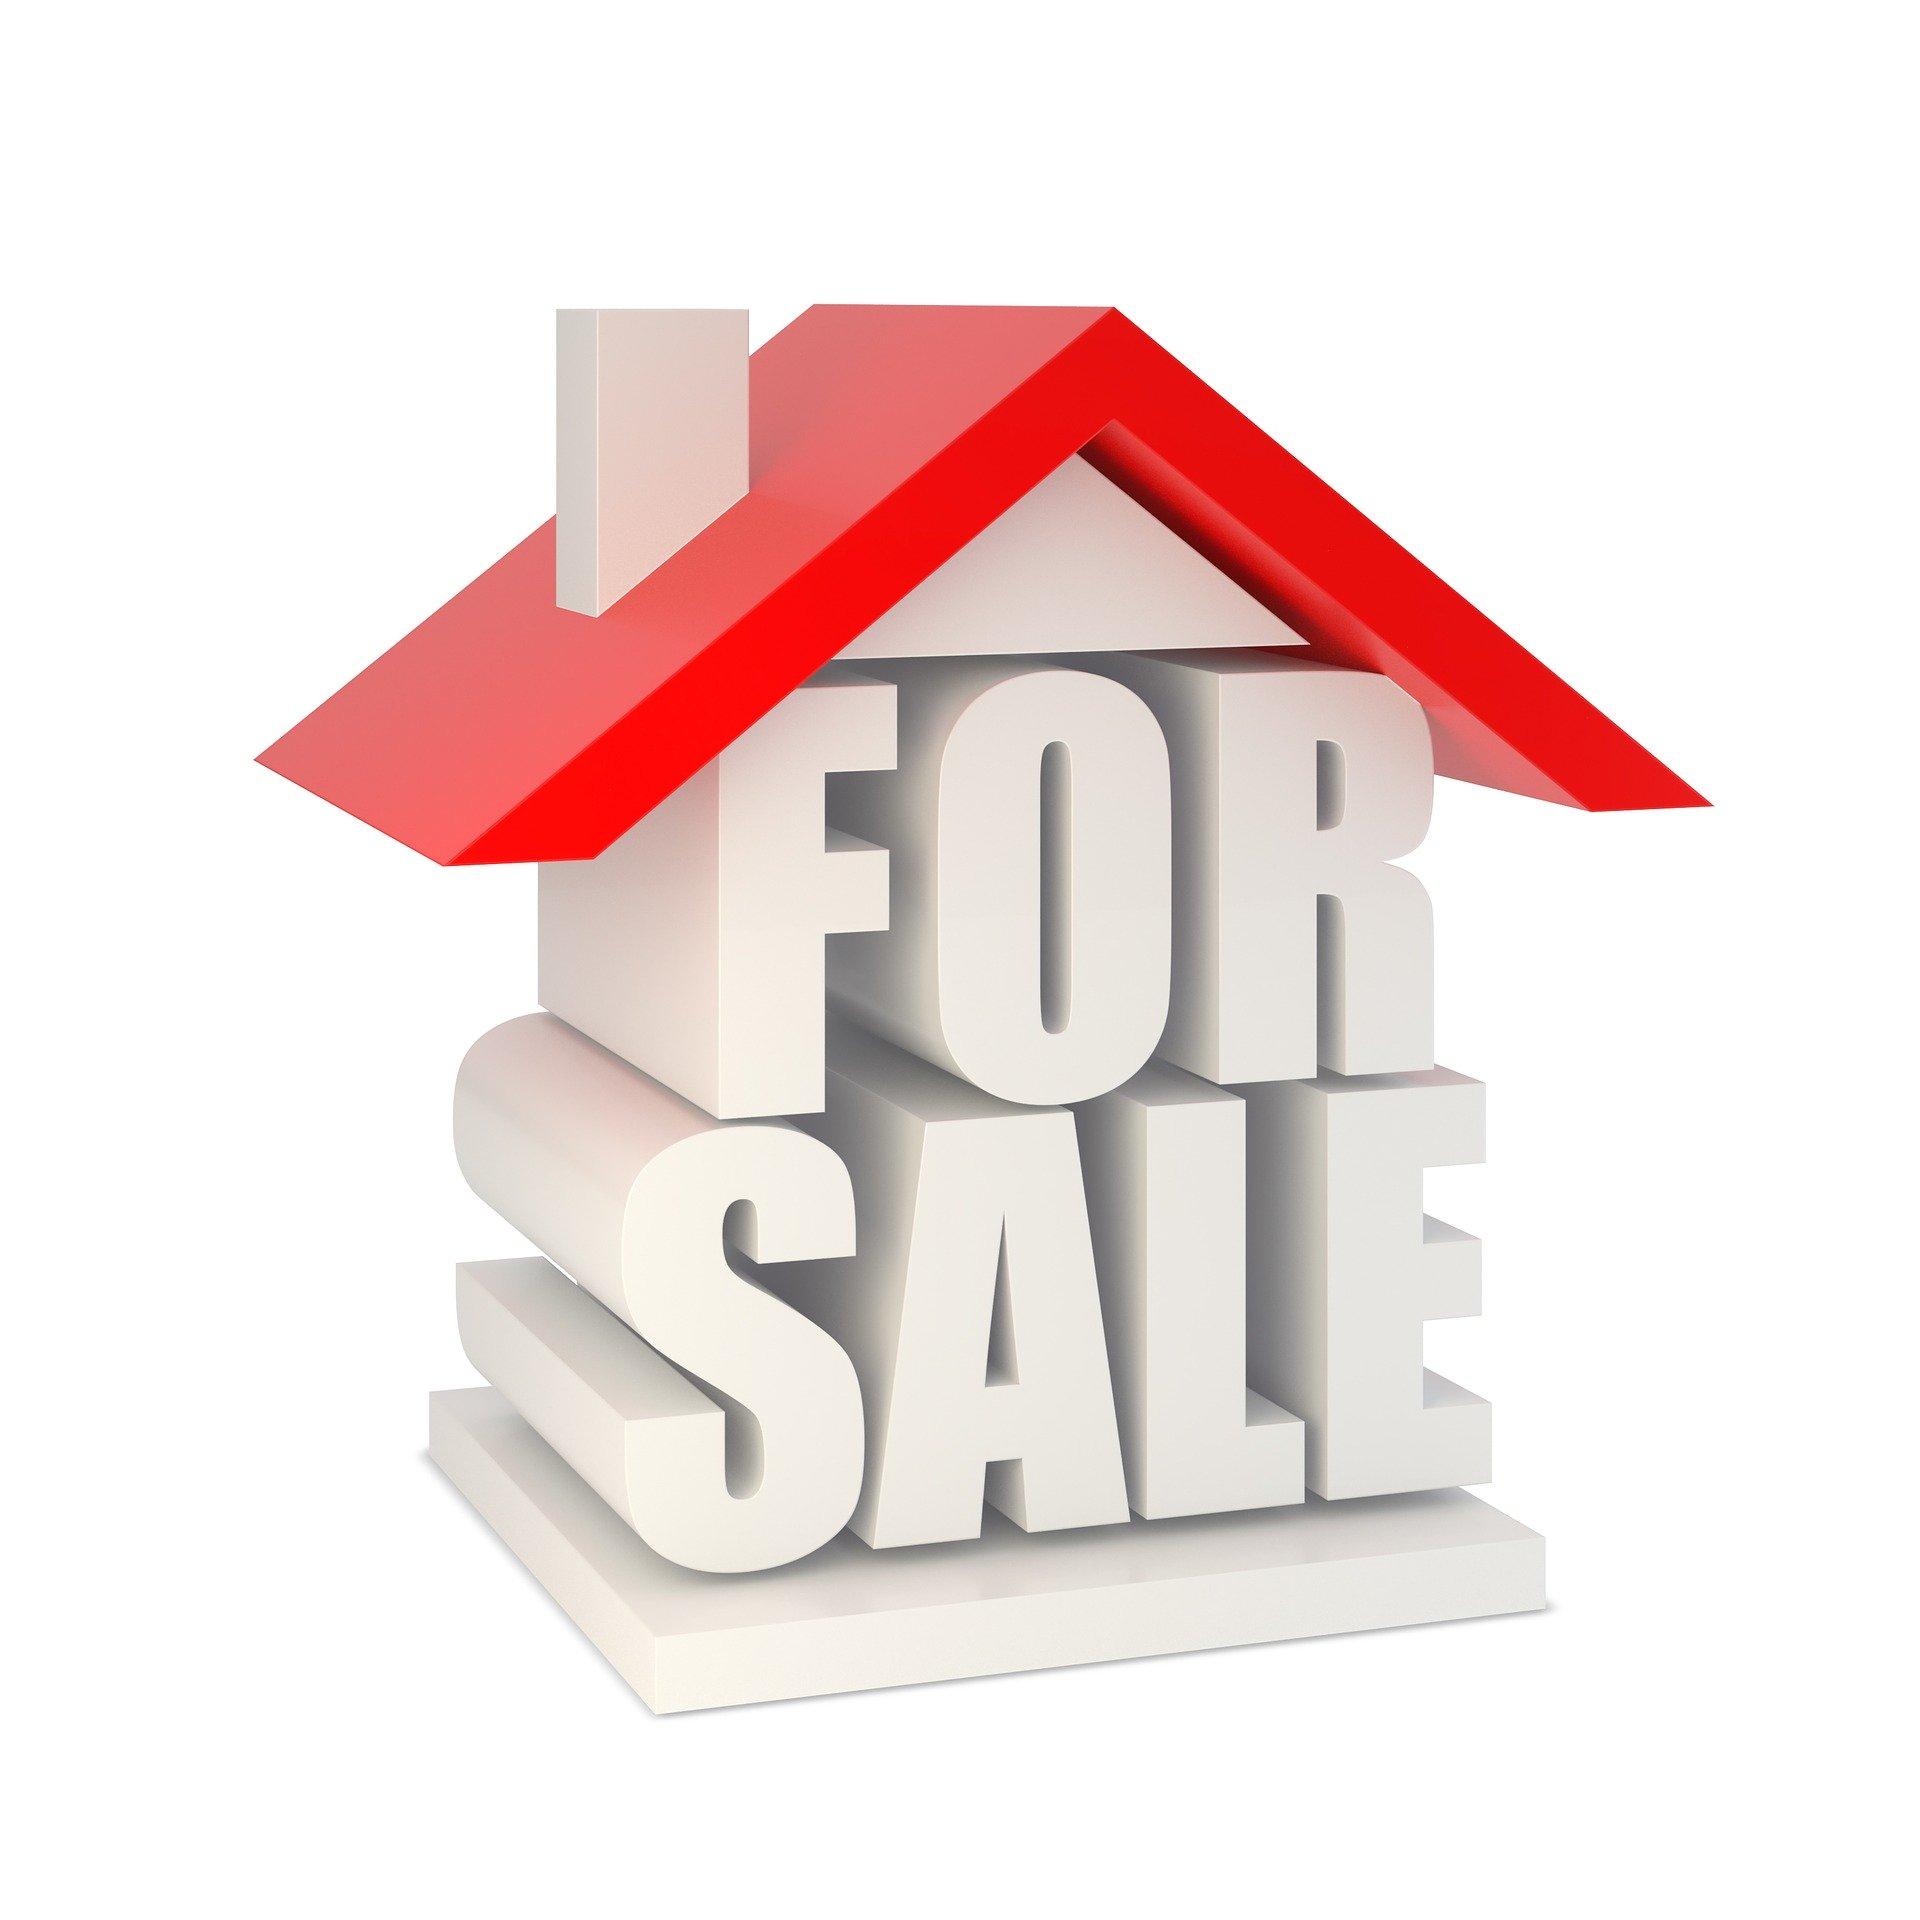 Vai vender a sua casa? E agora?